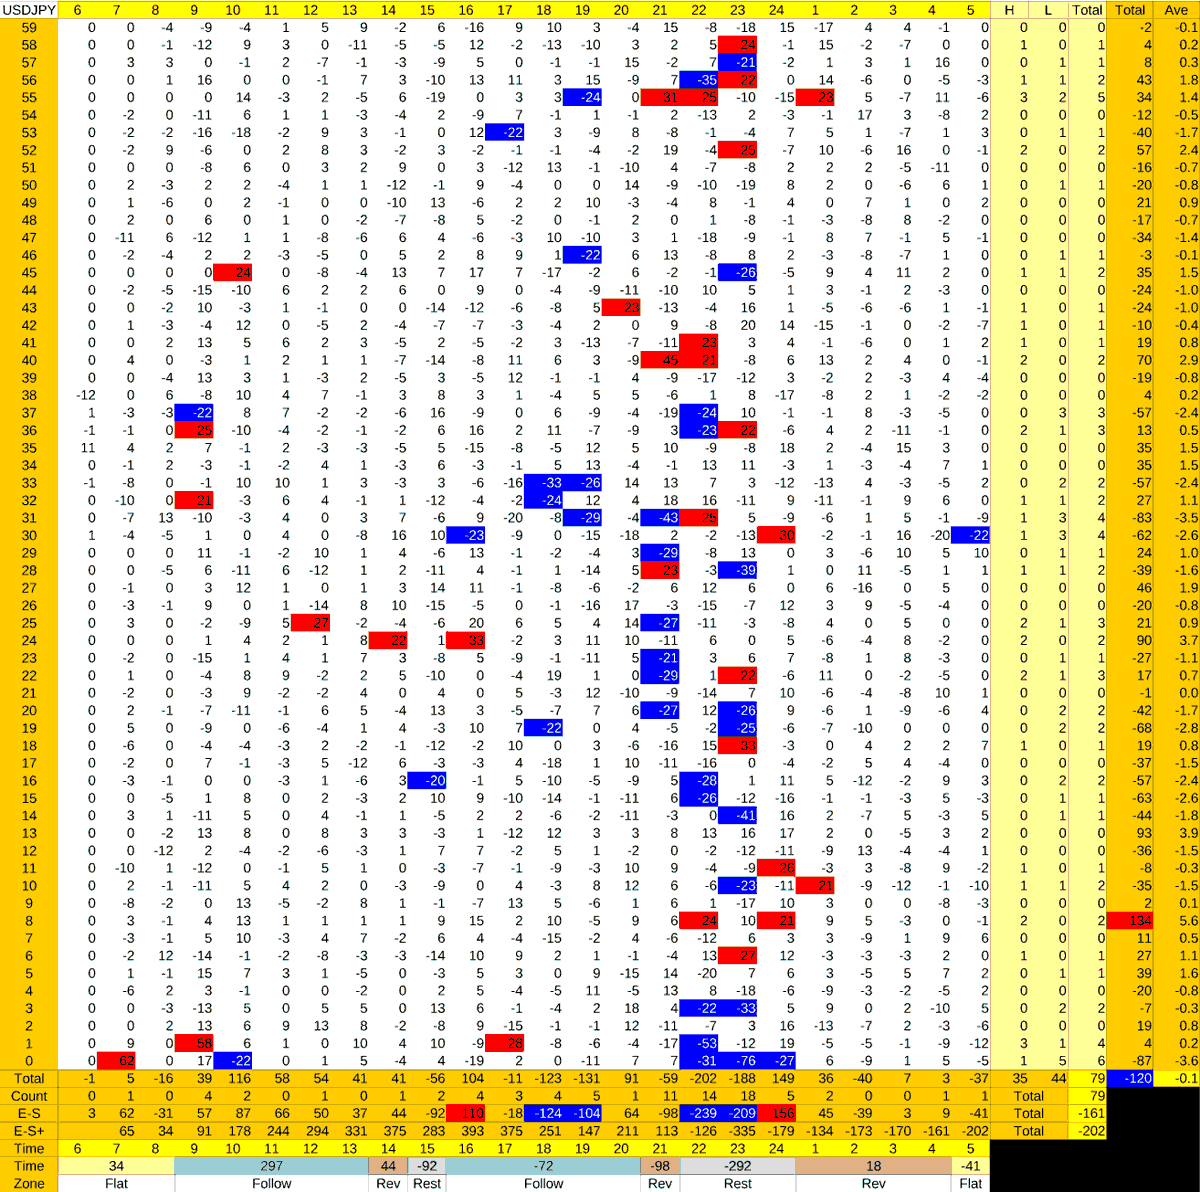 20210503_HS(1)USDJPY